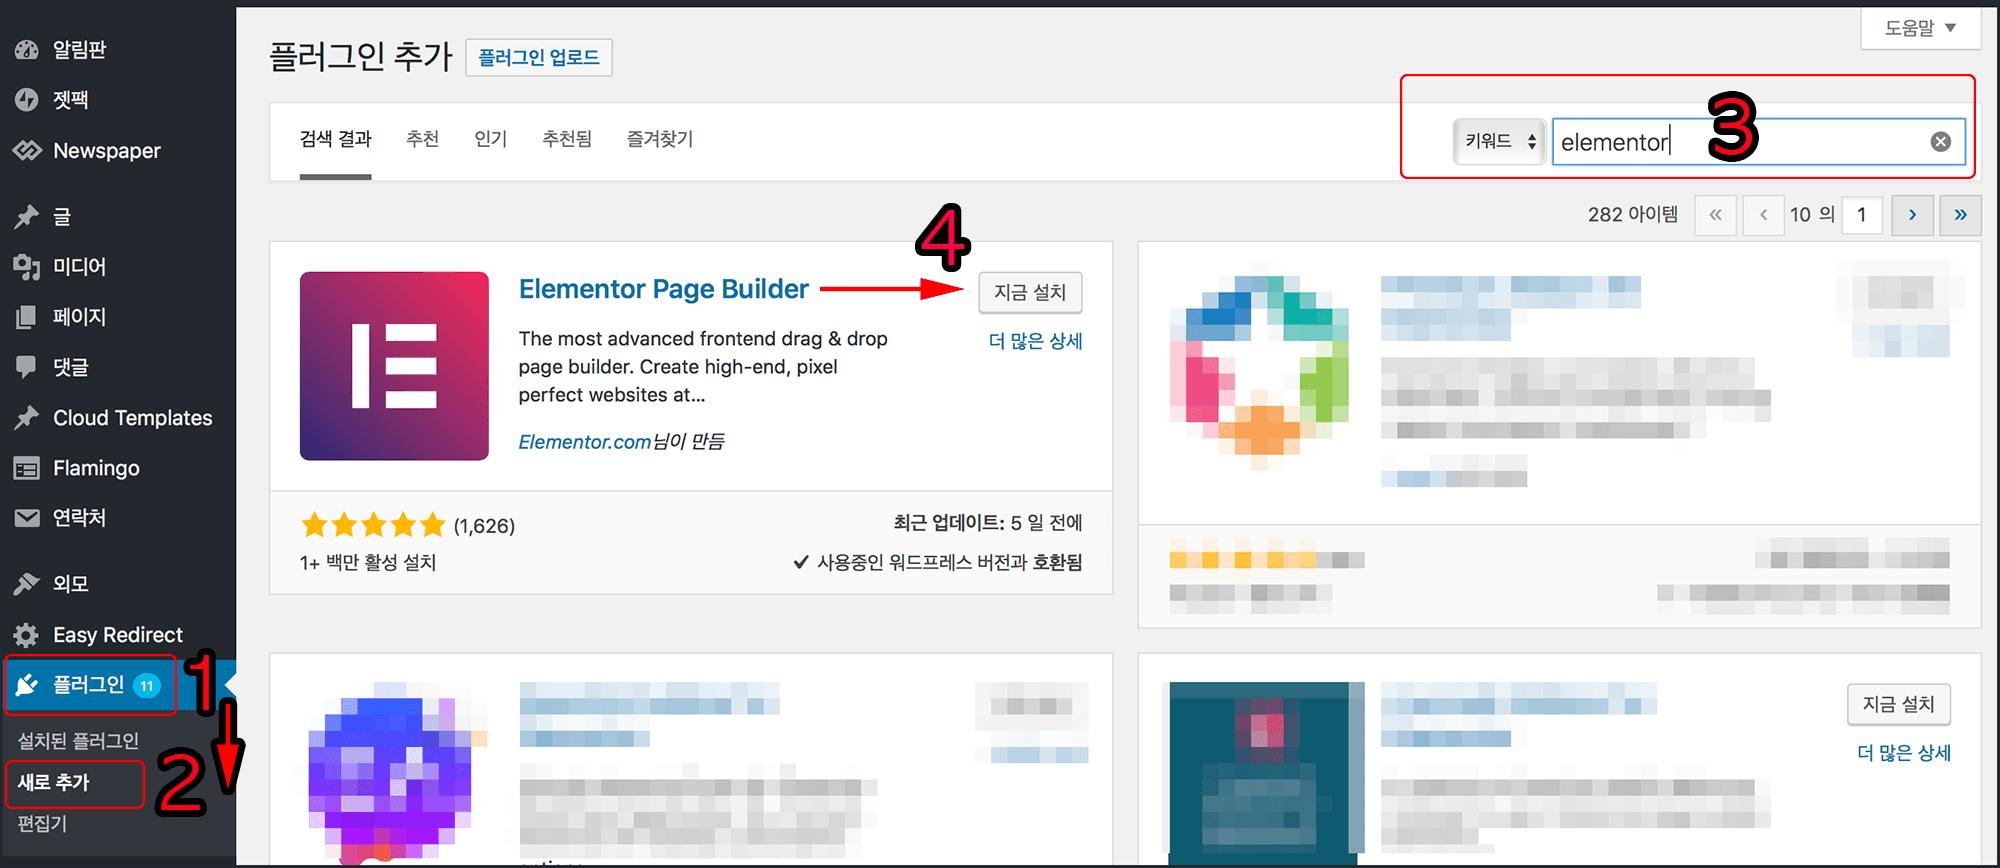 워드프레스 공식 디렉토리에서 검색된 Elementor 플러그인